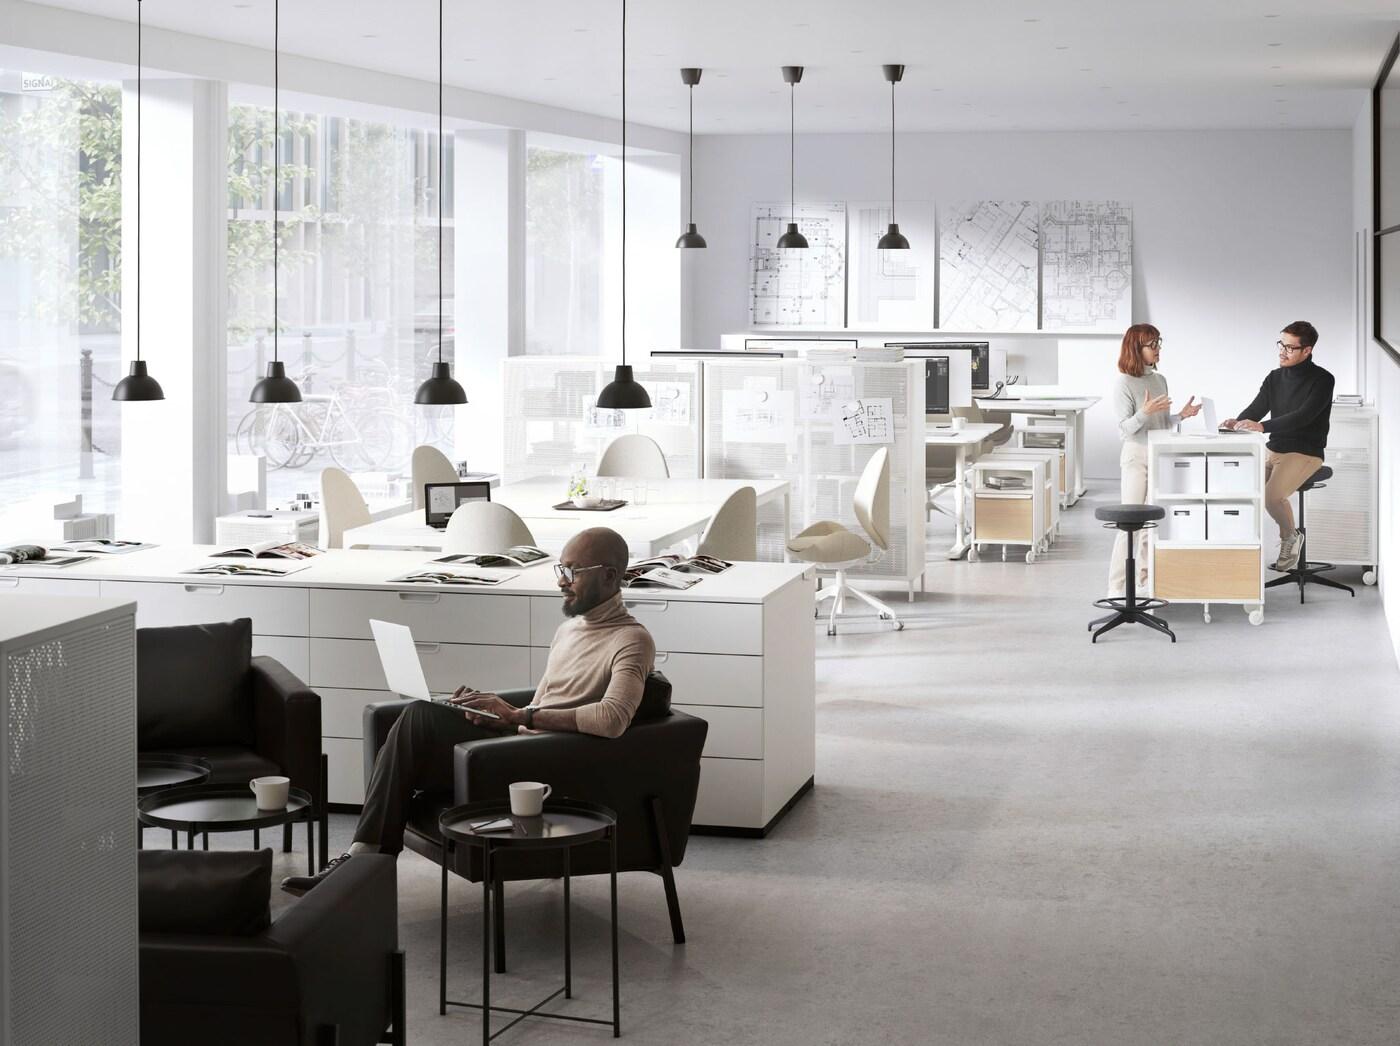 Urządzone na otwartym planie biuro z wydzielonymi dwoma strefami wspólnymi. Mężczyzna siedzący w fotelu KOARP pracuje na komputerze. W tle widoczne są dwie osoby rozmawiające przy regale BEKANT.